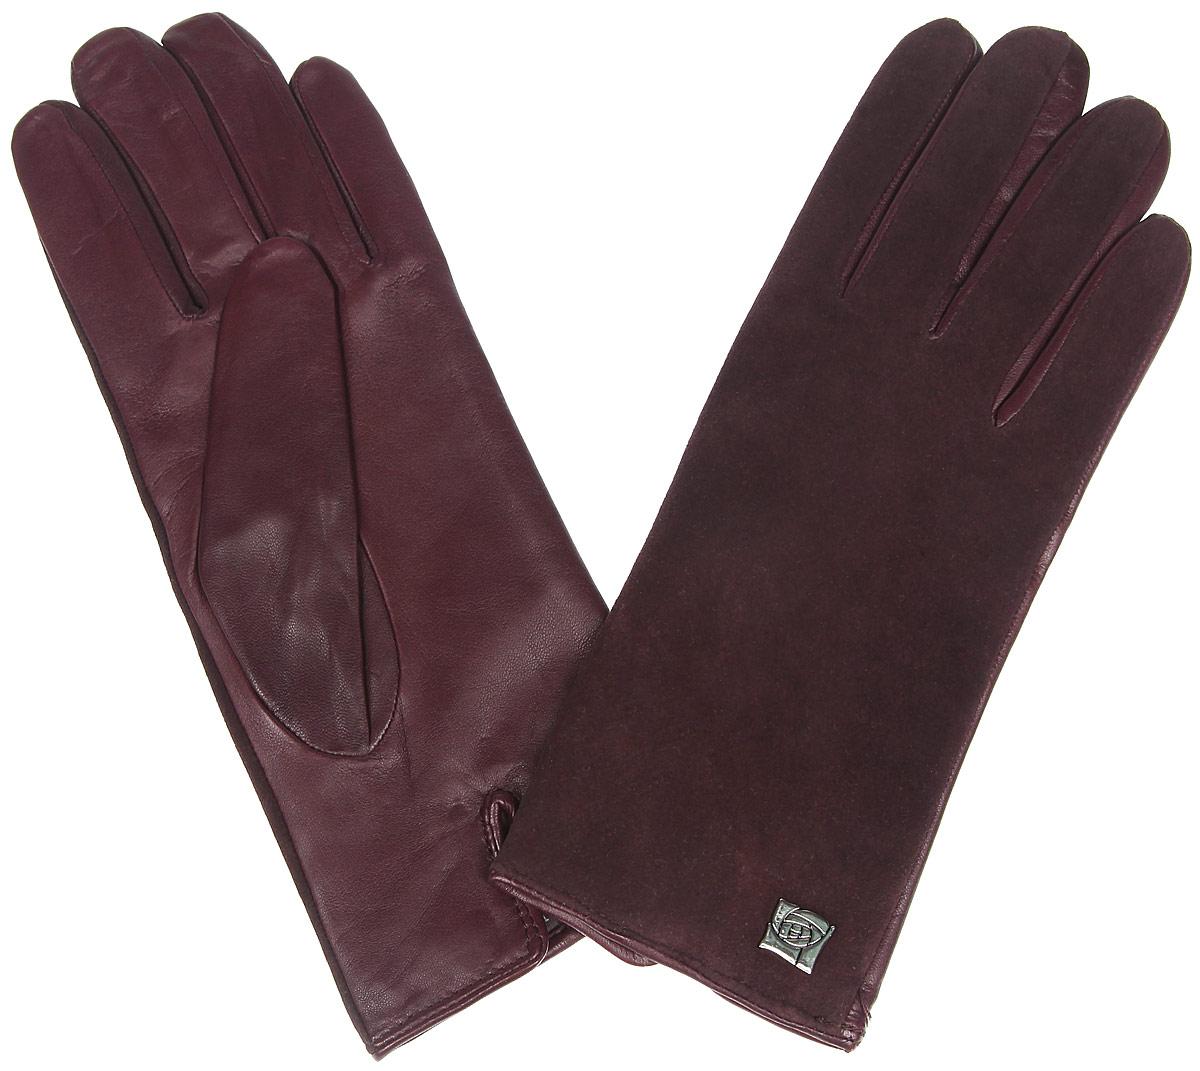 ПерчаткиIS992Классические женские перчатки Eleganzza - первая необходимость в осенне-зимний период. Выполненные из комбинированной кожи на подкладке из шерсти, они необыкновенно мягкие и приятные на ощупь. Лицевая сторона изделия с бархатистой поверхностью украшена декоративным элементом в виде розы. Тыльная сторона дополнена аккуратным разрезом. Потрясающие женские перчатки Eleganzza подойдут романтичным особам с тонким вкусом, они защитят руки от холода и ветра, сохраняя их красоту.